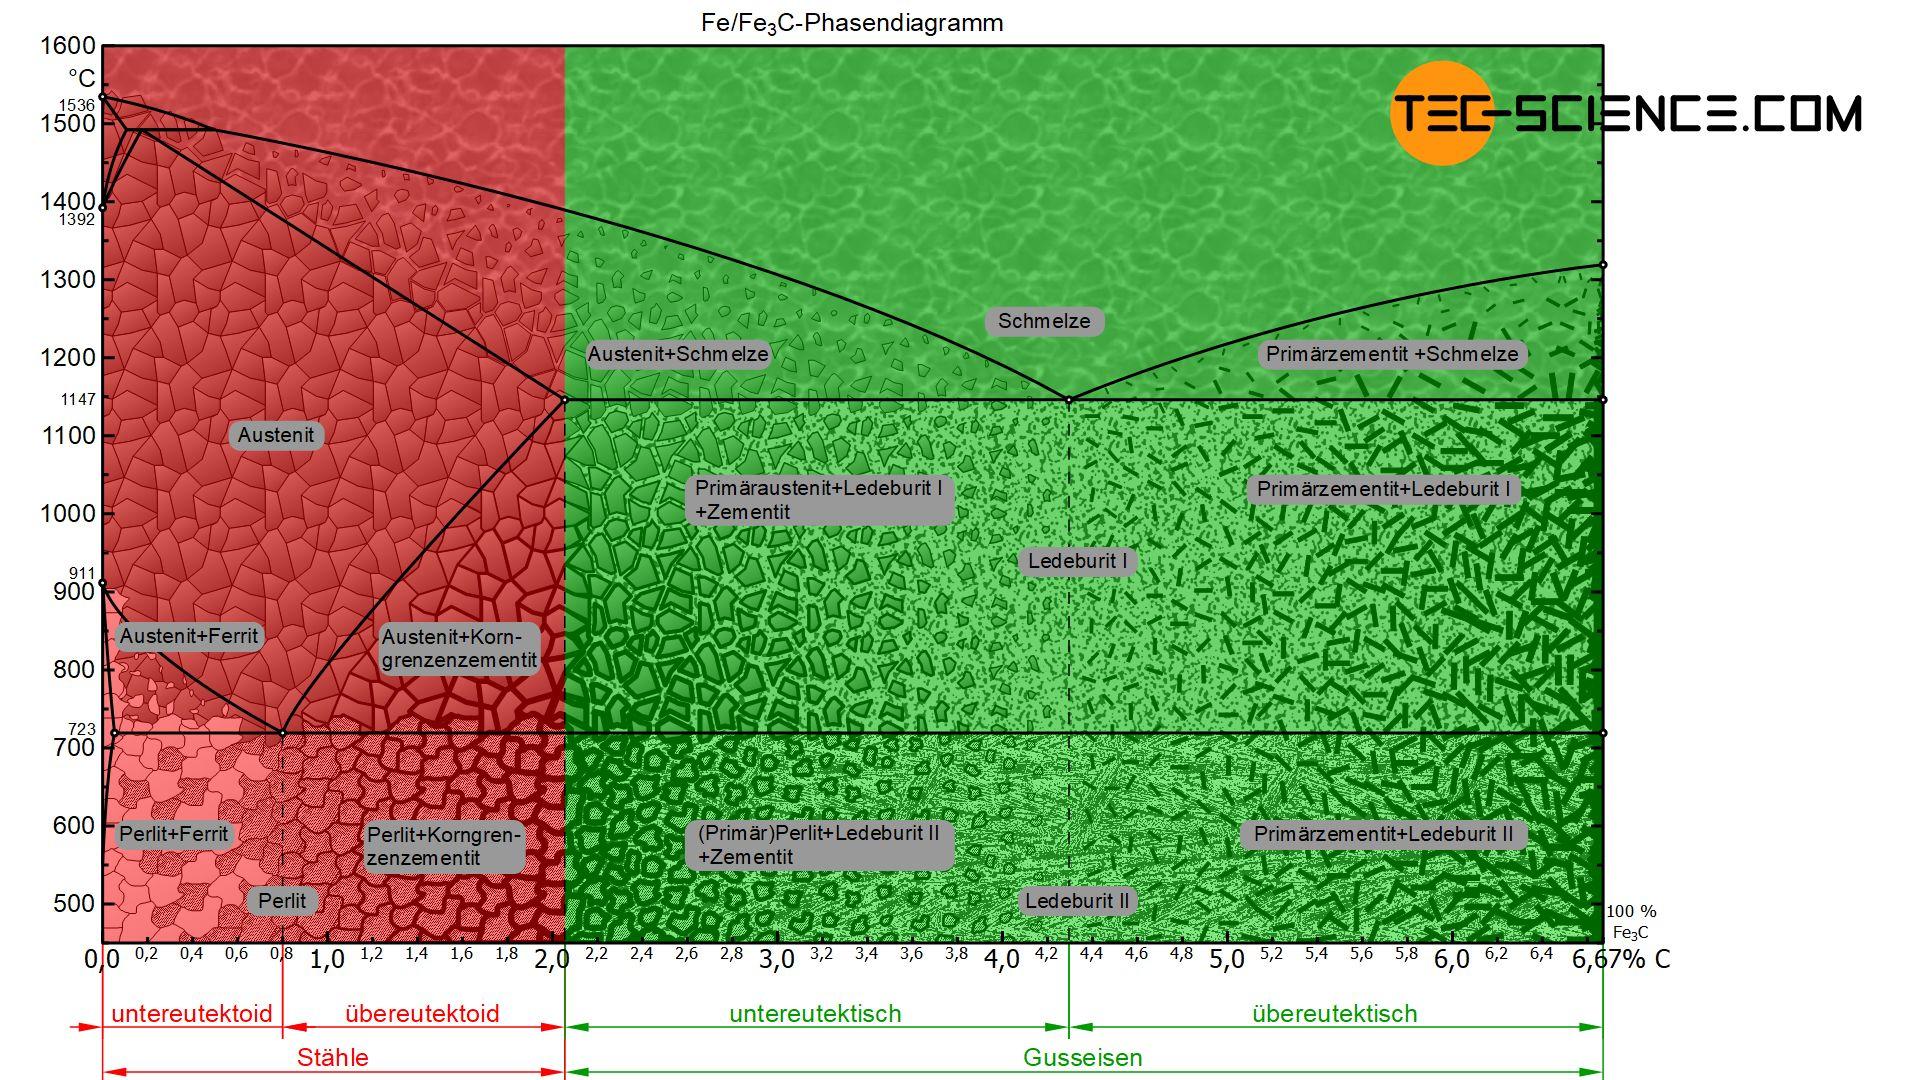 Einteilung von Stählen und Gusseisen im Eisen-Kohlenstoff-Diagramm